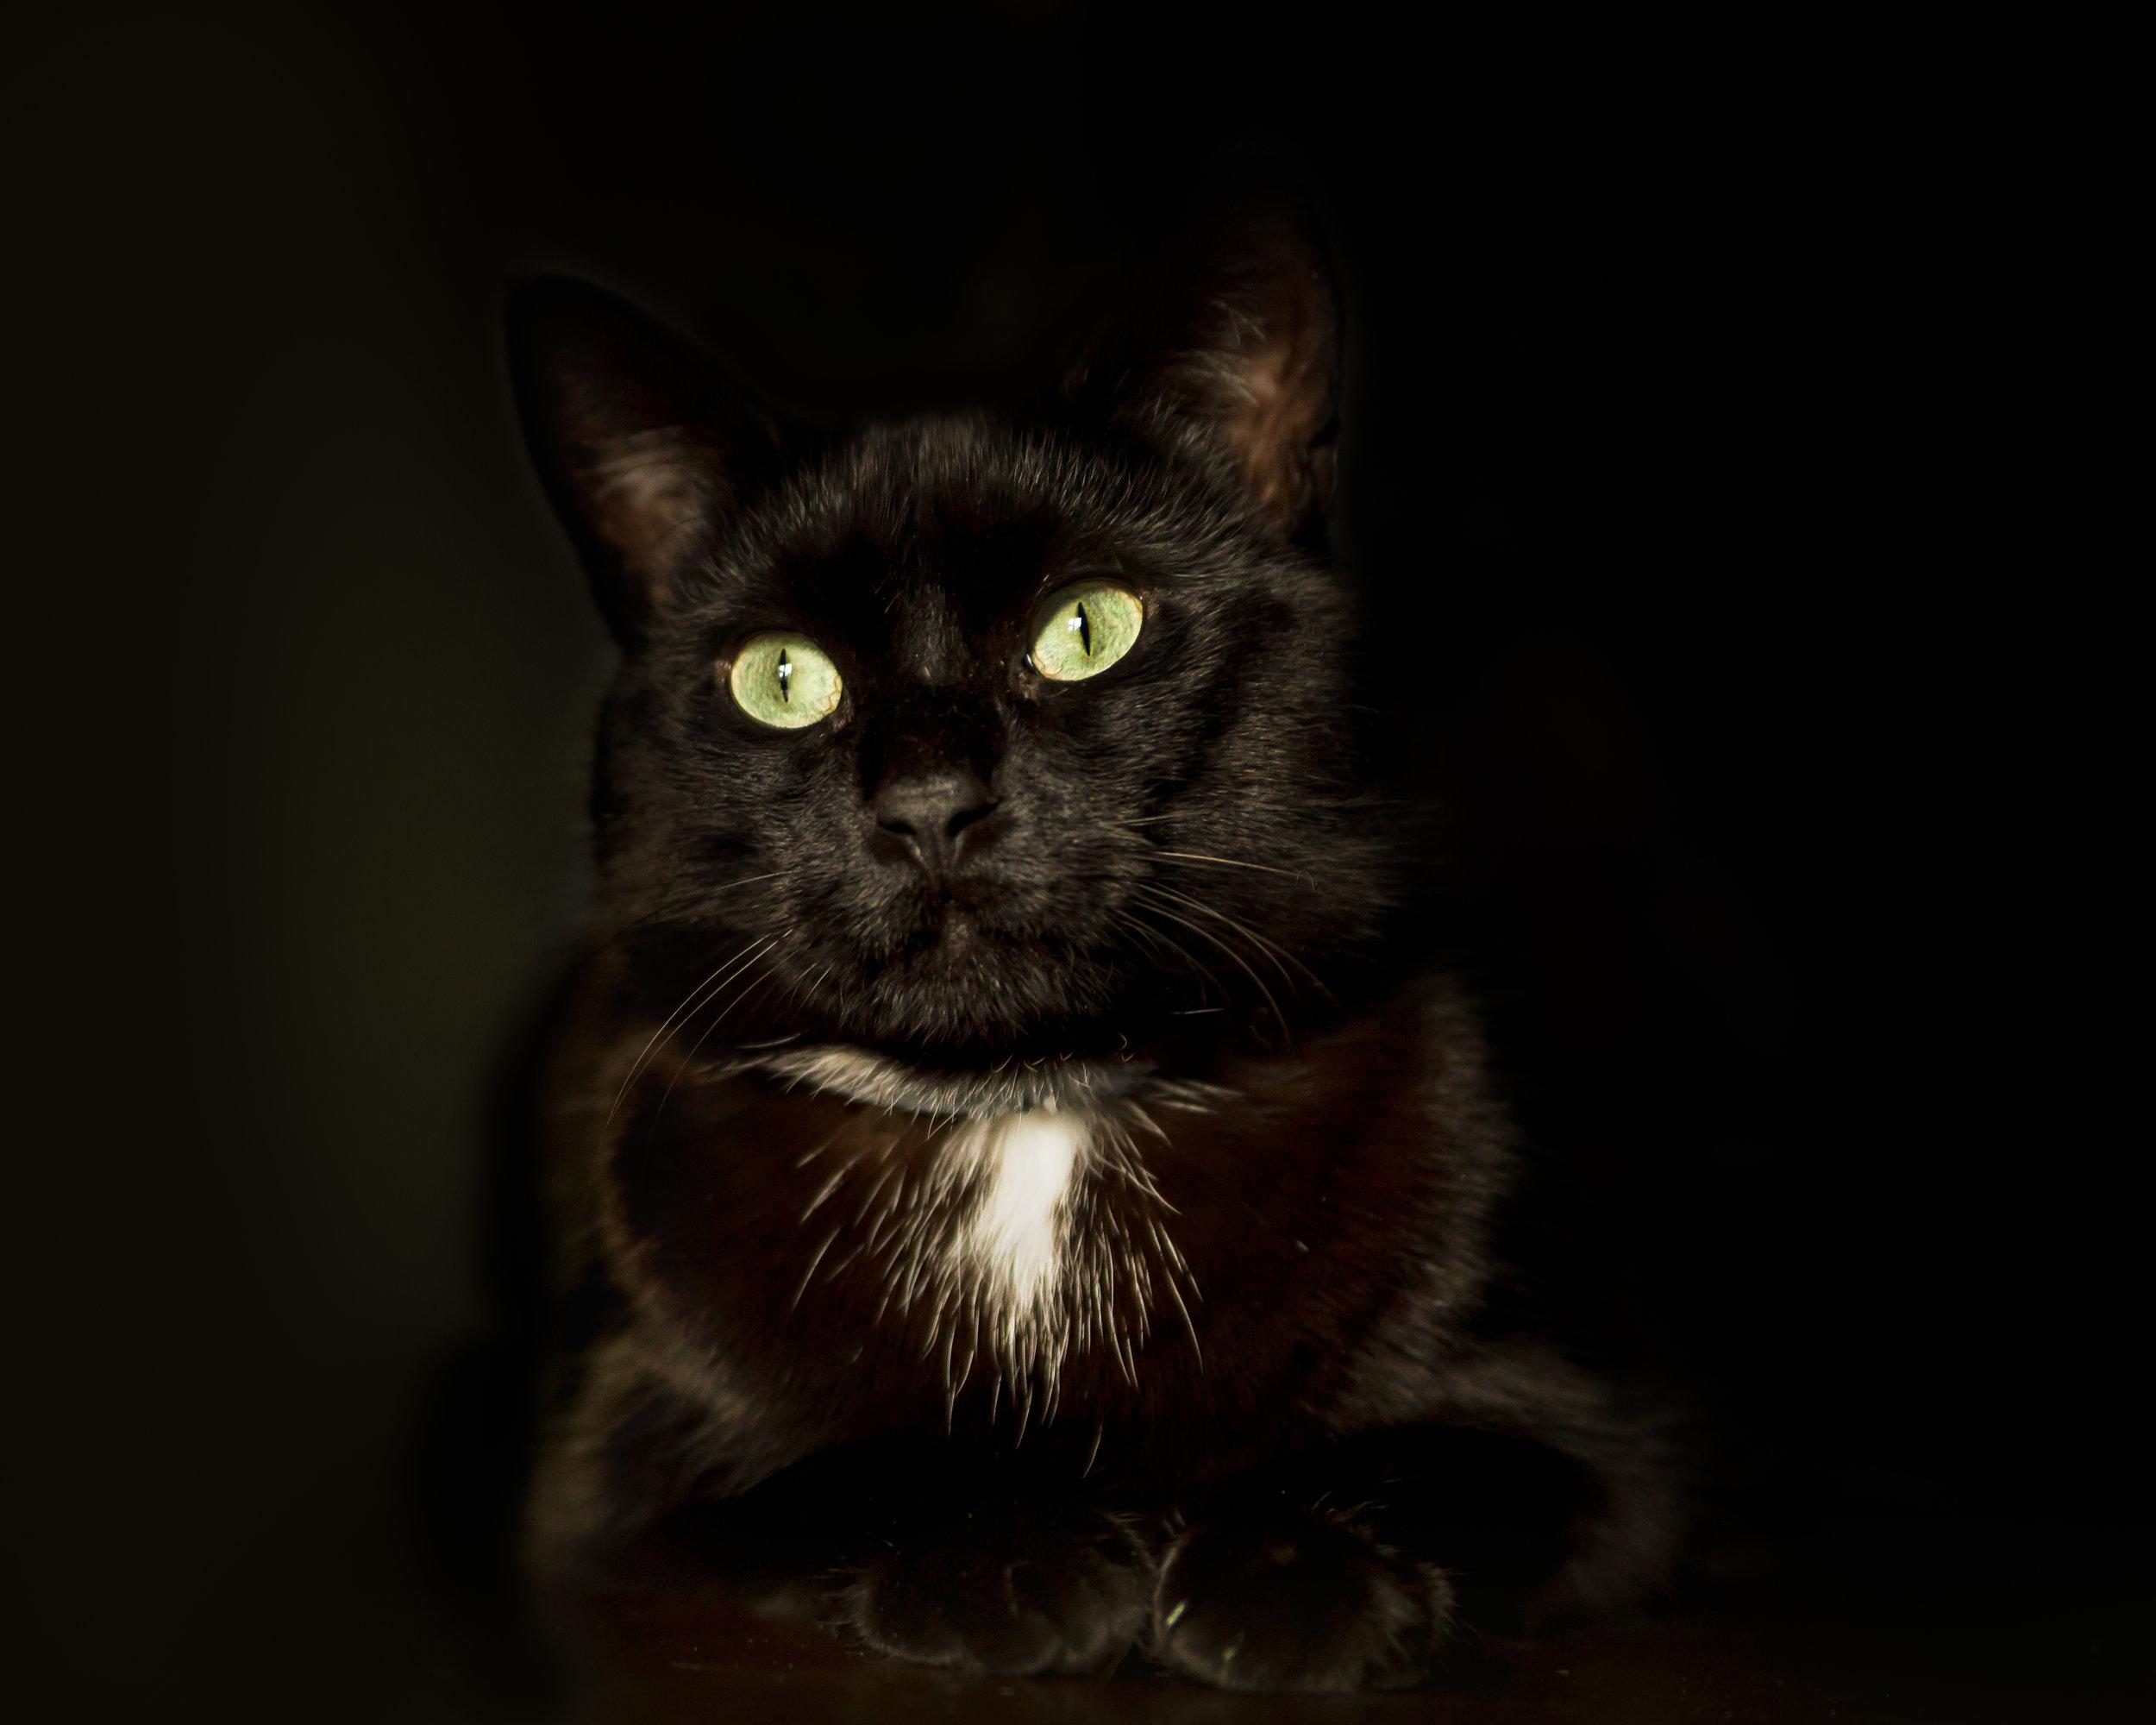 Connecticut cat photographer